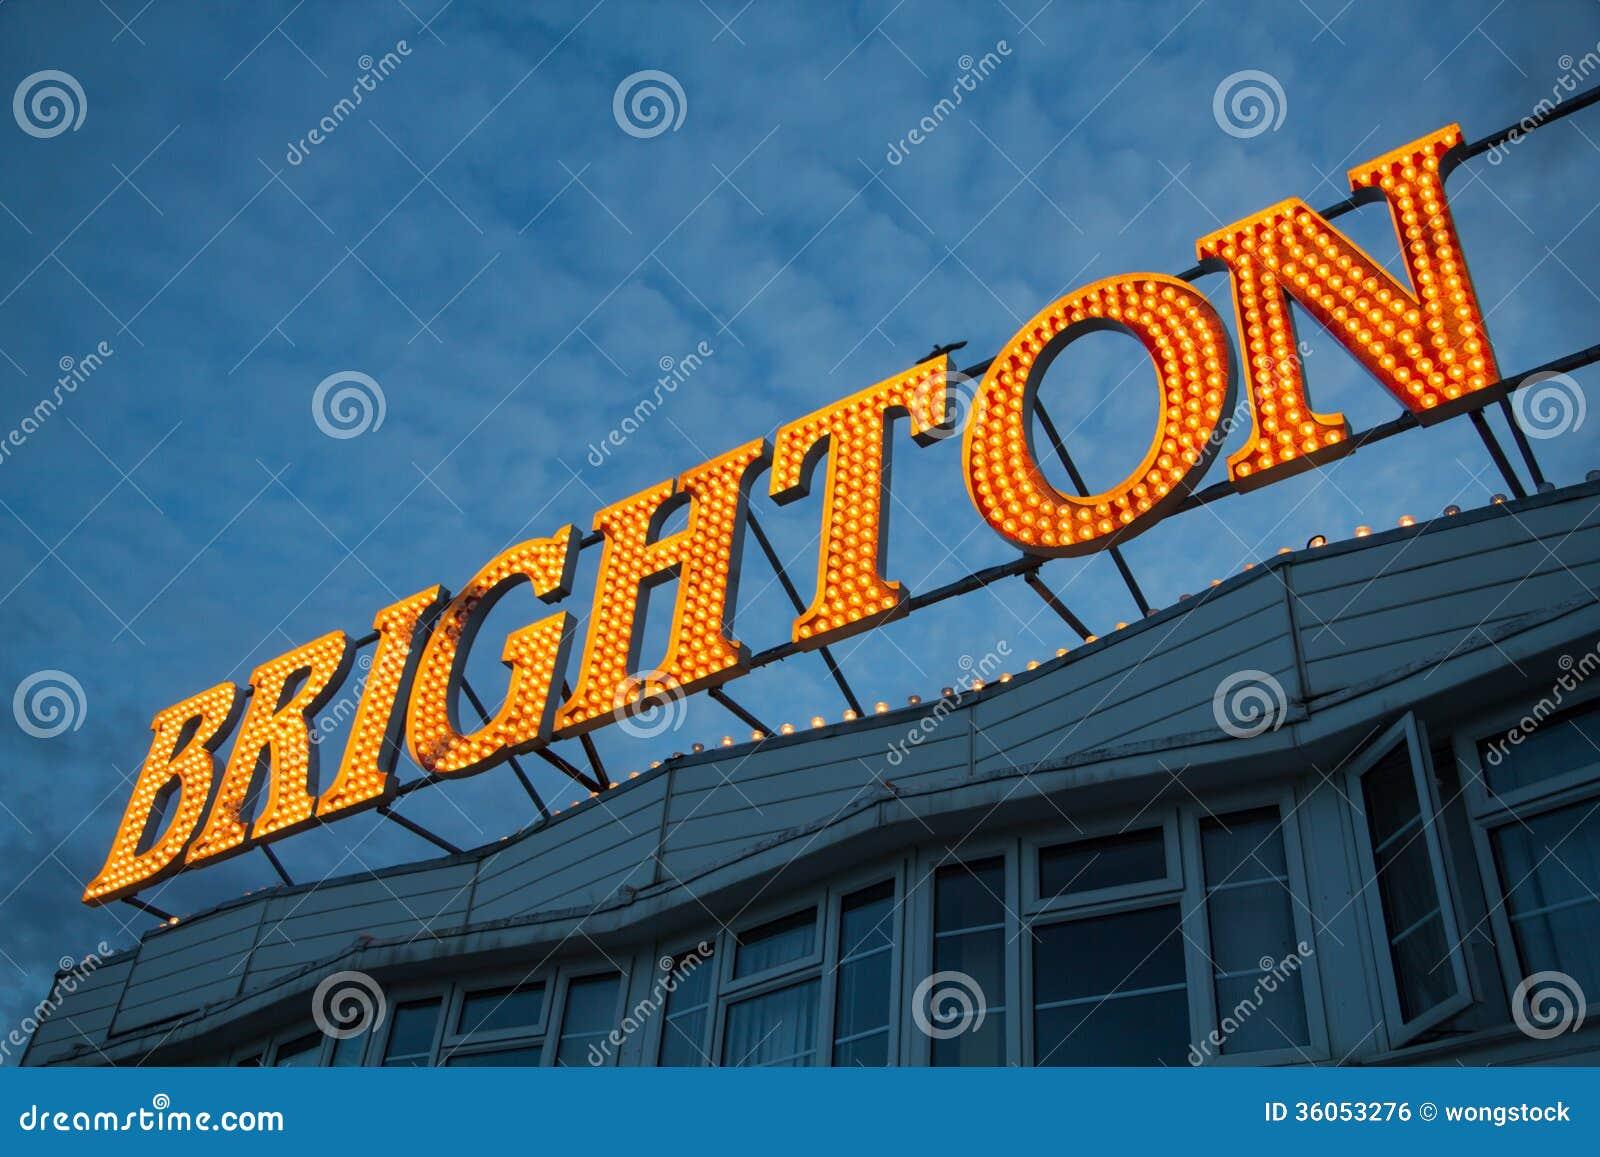 Brighton Pier Lights, England UK